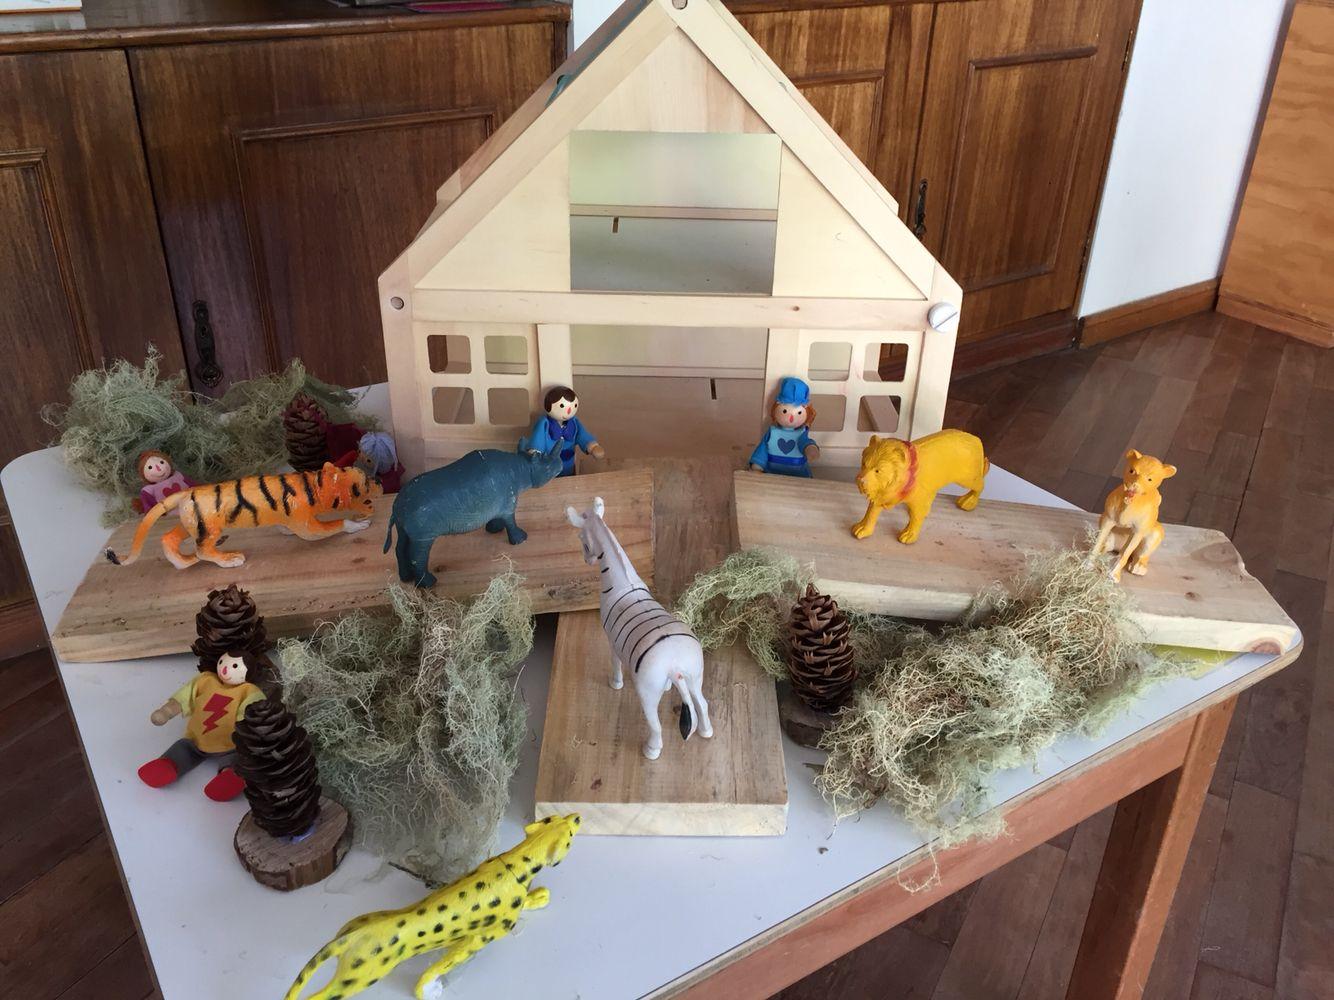 Casa y animales